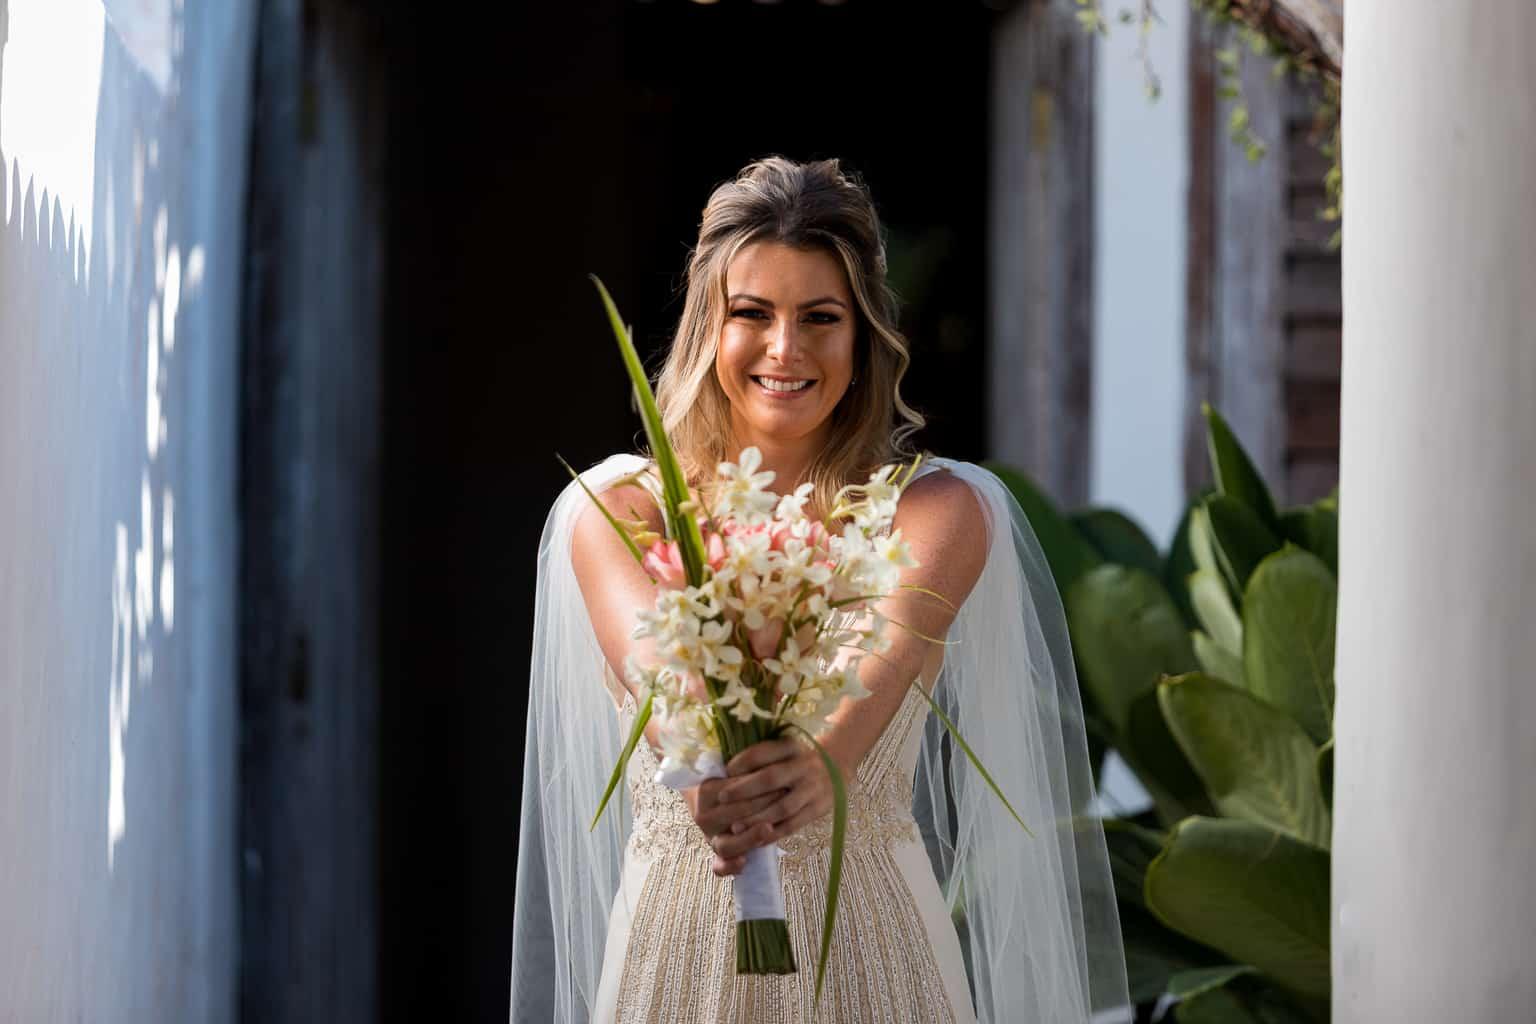 Casamento-Victoria-e-Christian-Fotografia-Tiago-Saldanha153_MG_0536